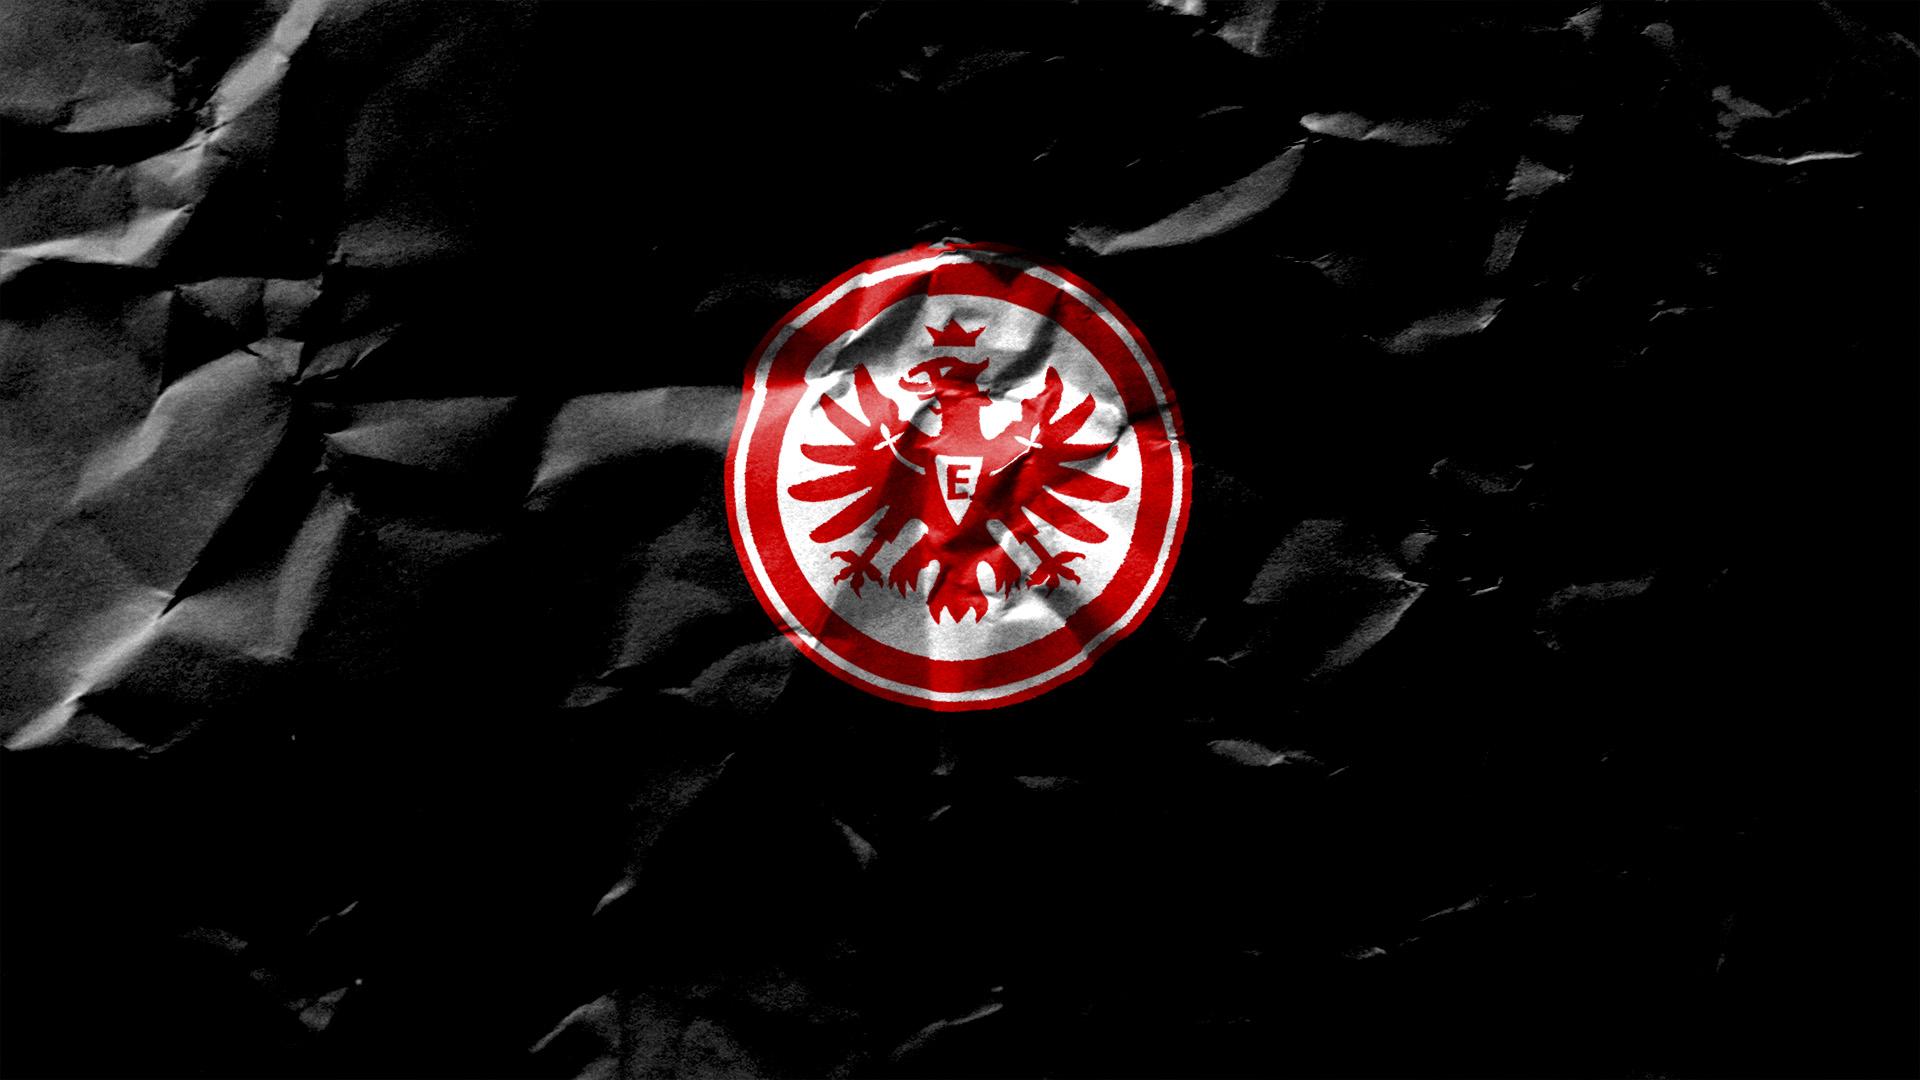 Photo Collection Eintracht Frankfurt Wallpaper